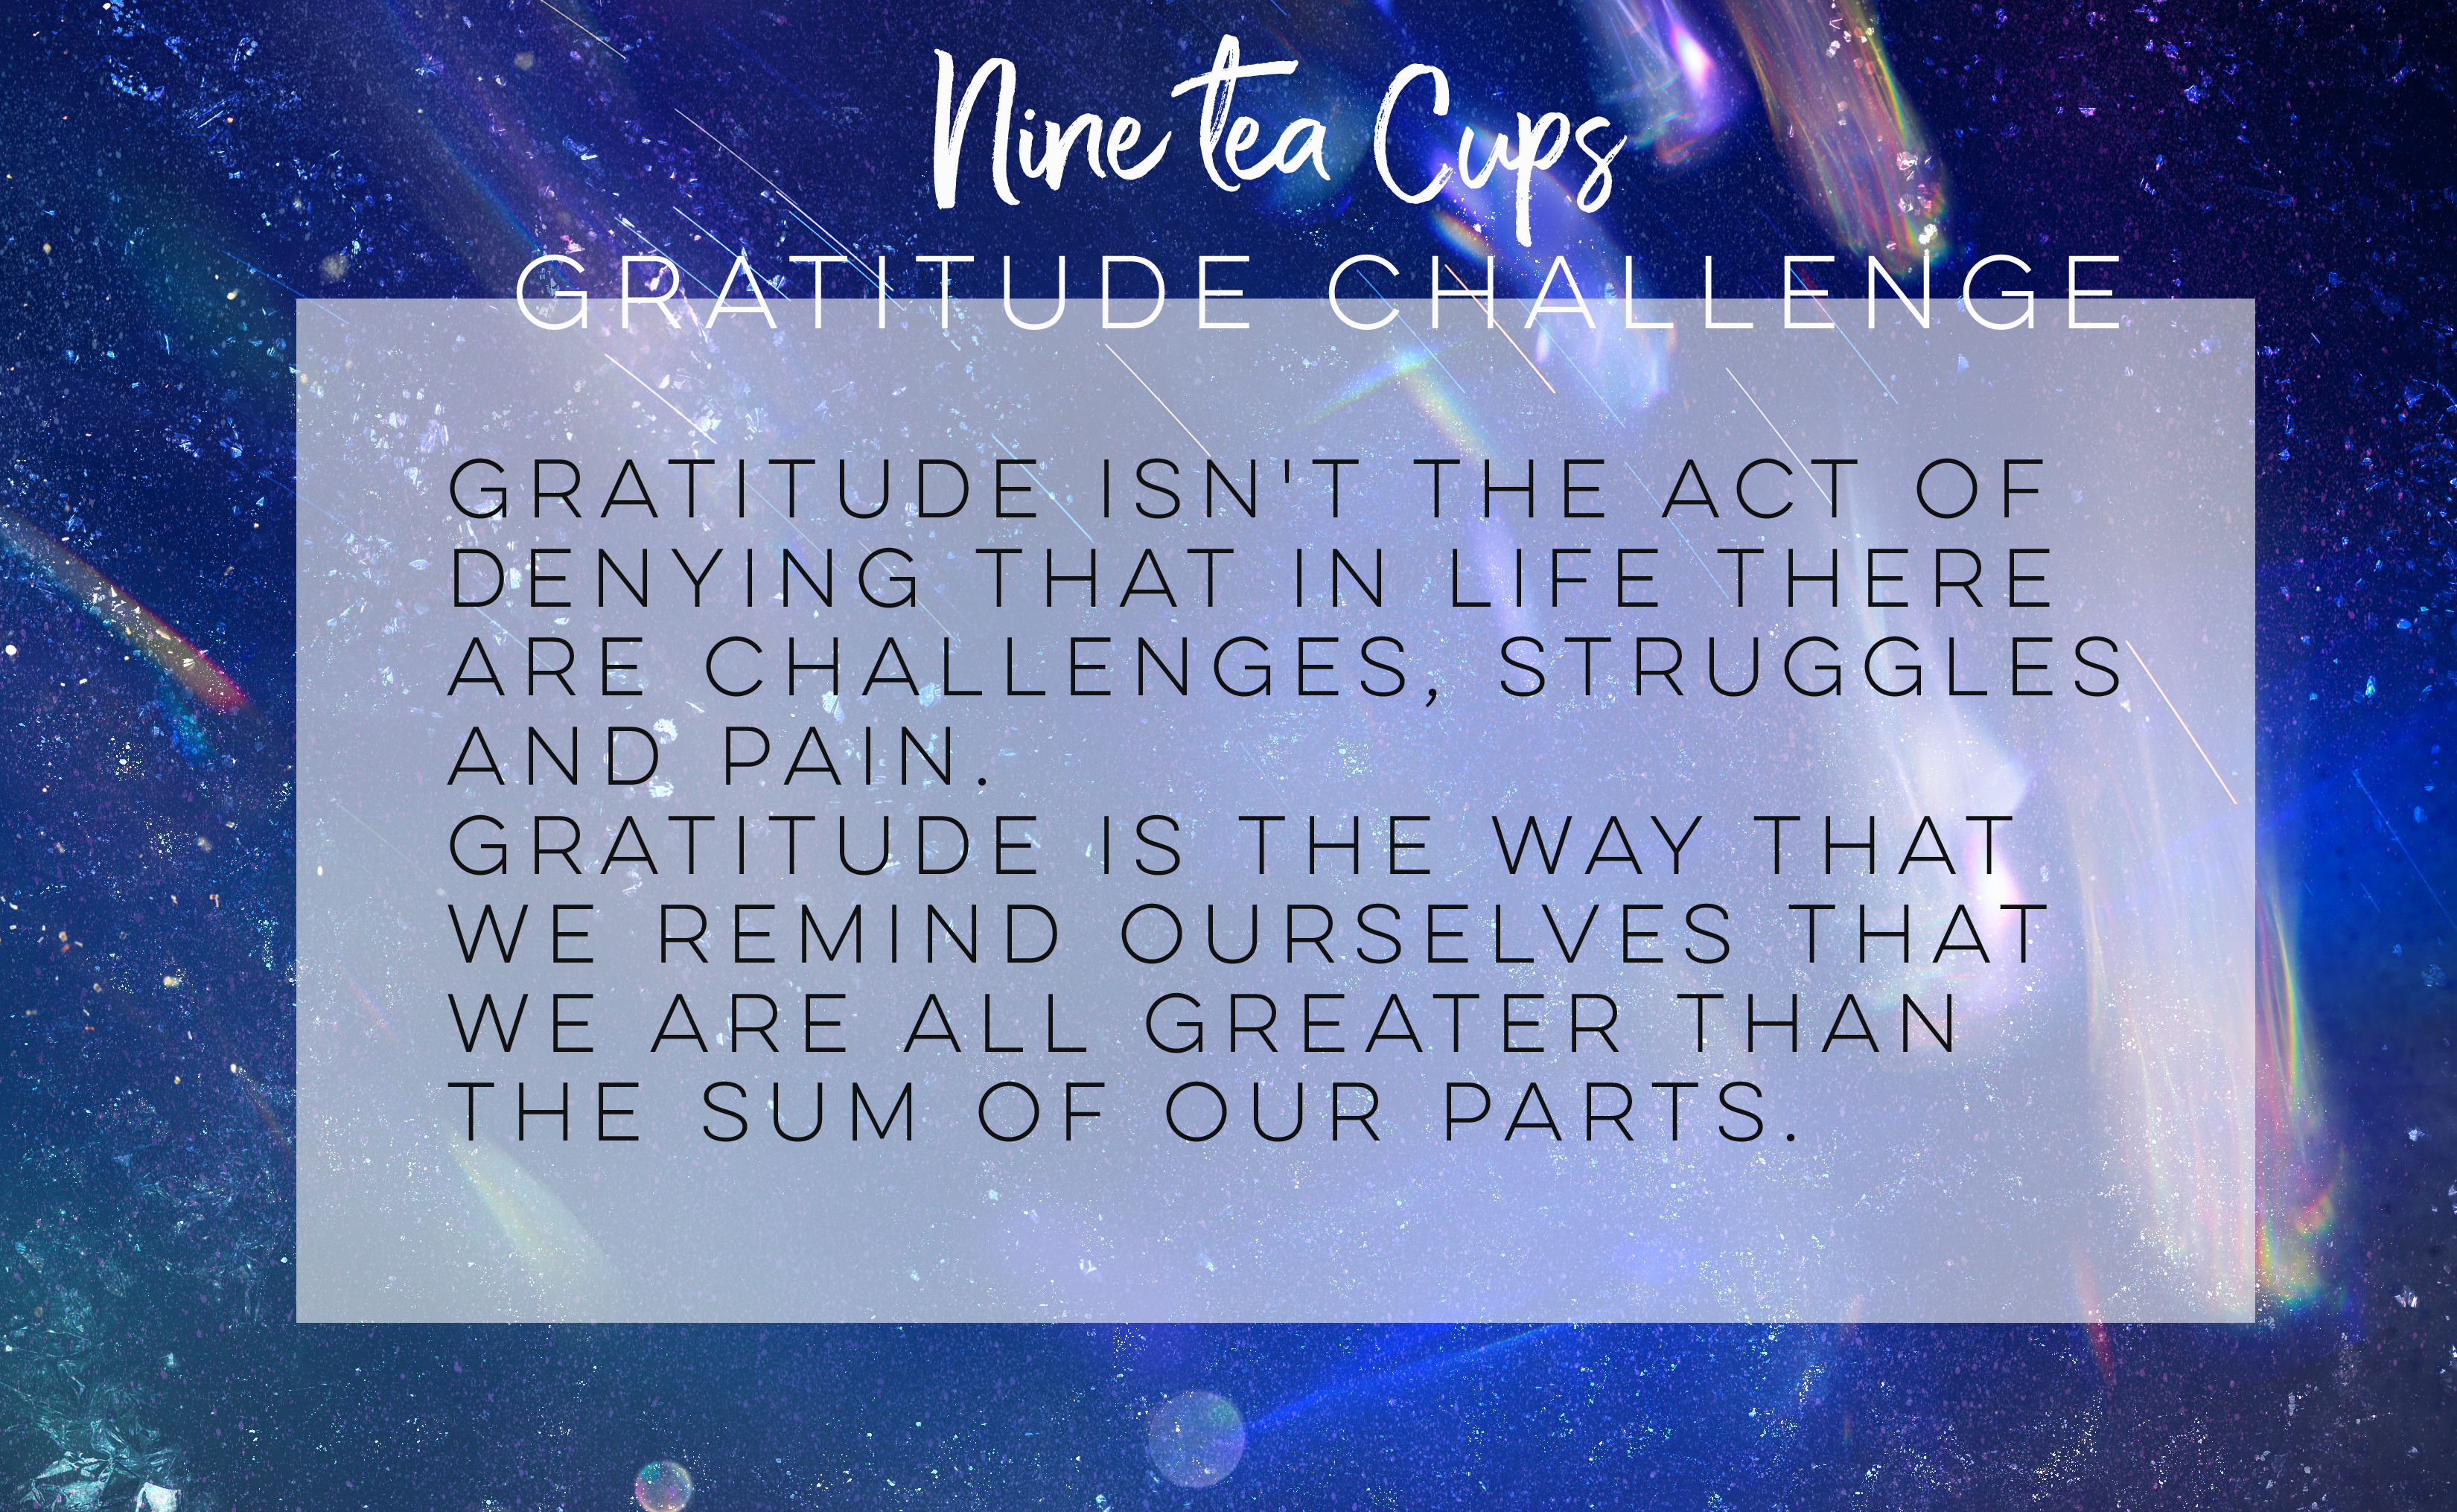 nine tea cups gratitude challenge post 1